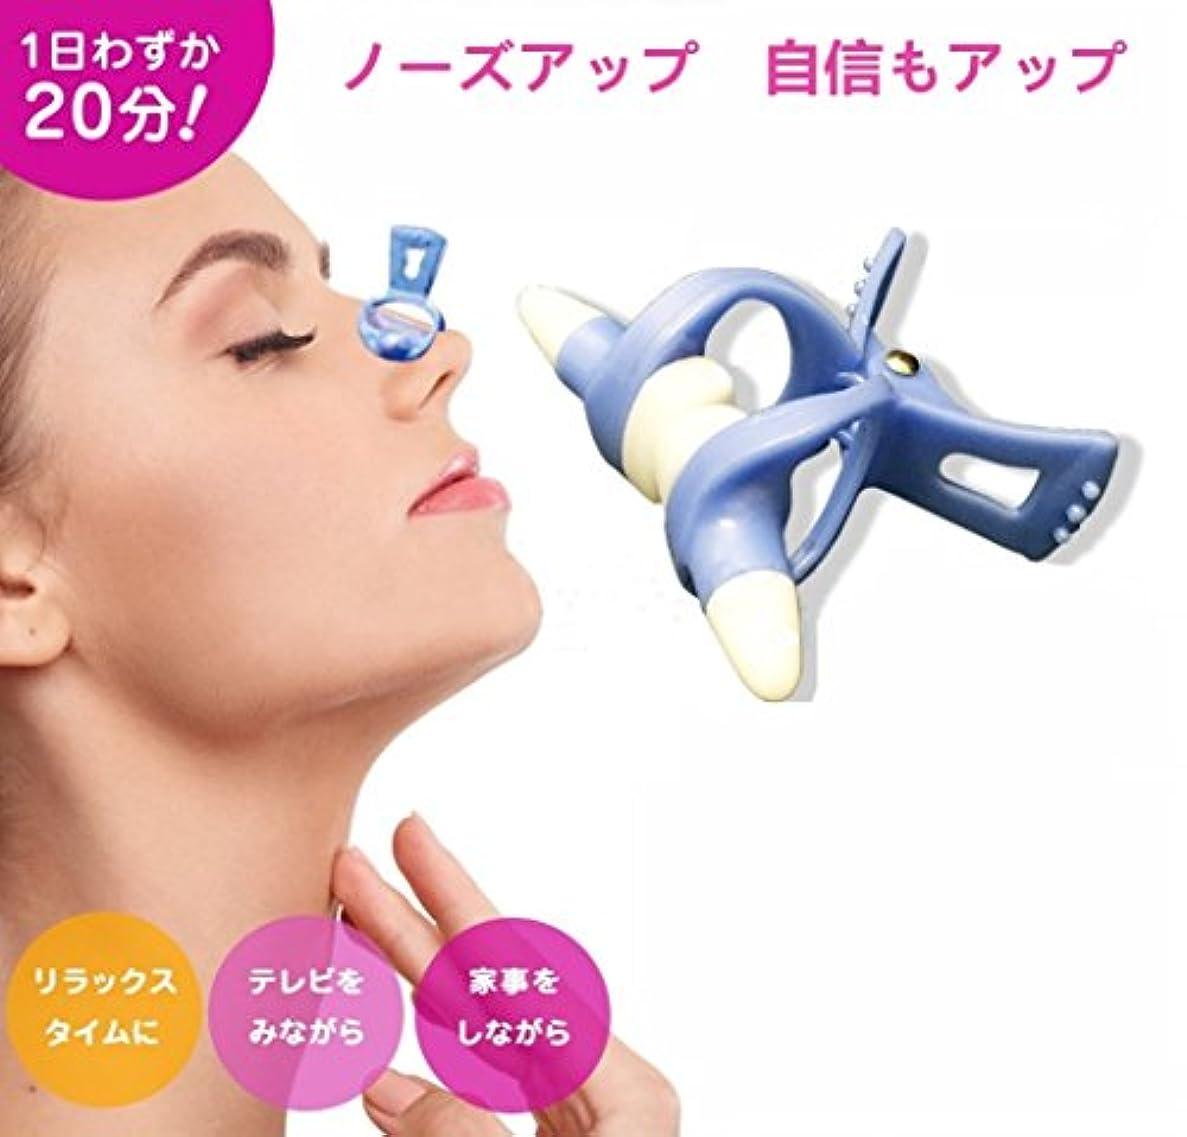 プランテーションインポートアレルギー性ノーズアップ ノーズクリップ Vicona鼻クリップ 美鼻 鼻筋矯正 鼻プチ プチ整形 鼻筋セレブ 抗菌シリコンで  柔らか素材で痛くない 肌にやさしい